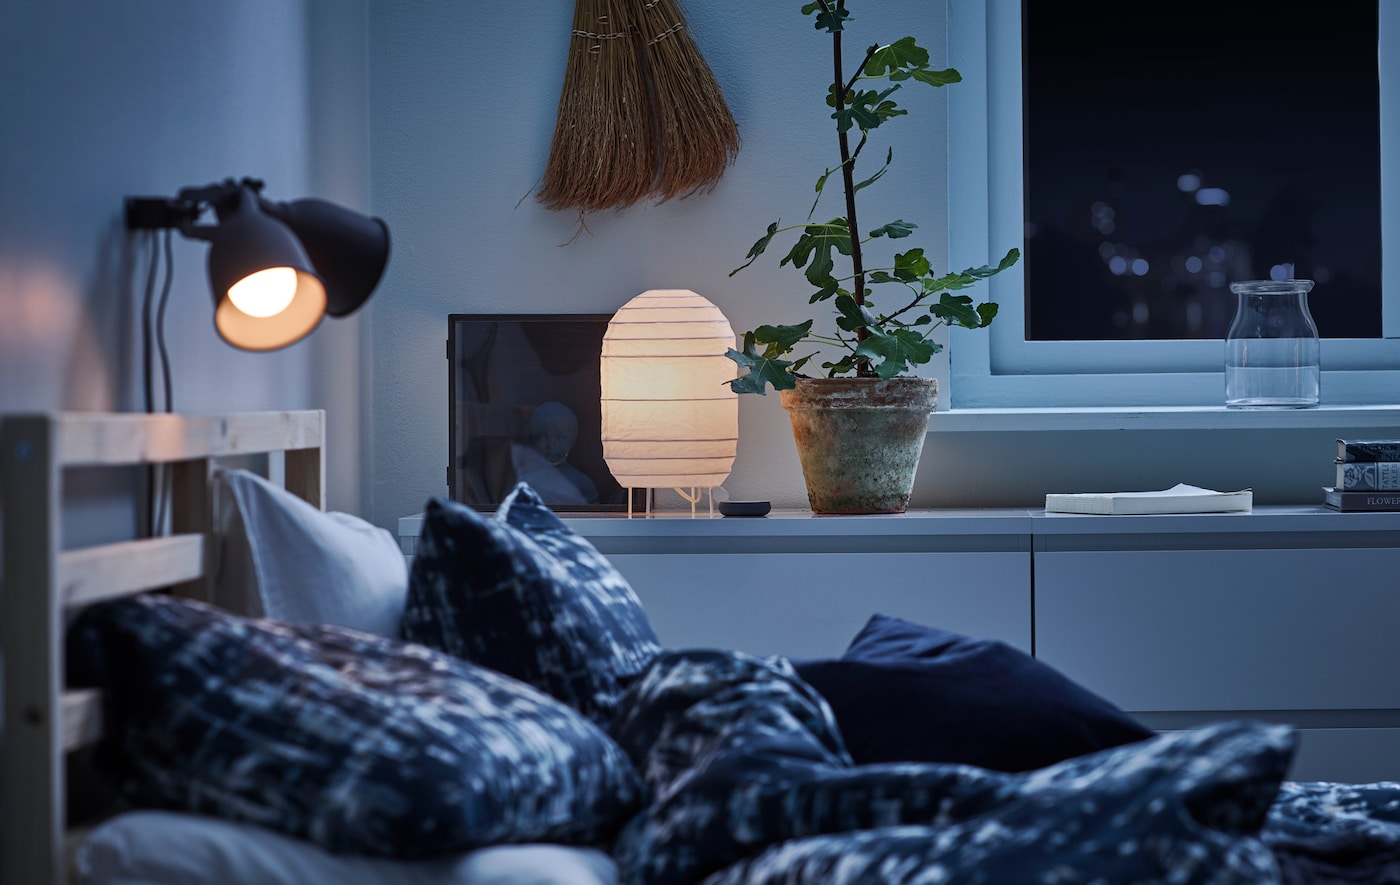 Per creare un'atmosfera accogliente e rilassante bisogna scegliere la luce giusta. Scopri la lampada in carta STORUMAN di IKEA che emette una luce diffusa e decorativa, perfetta come lampada da tavolo in camera da letto.